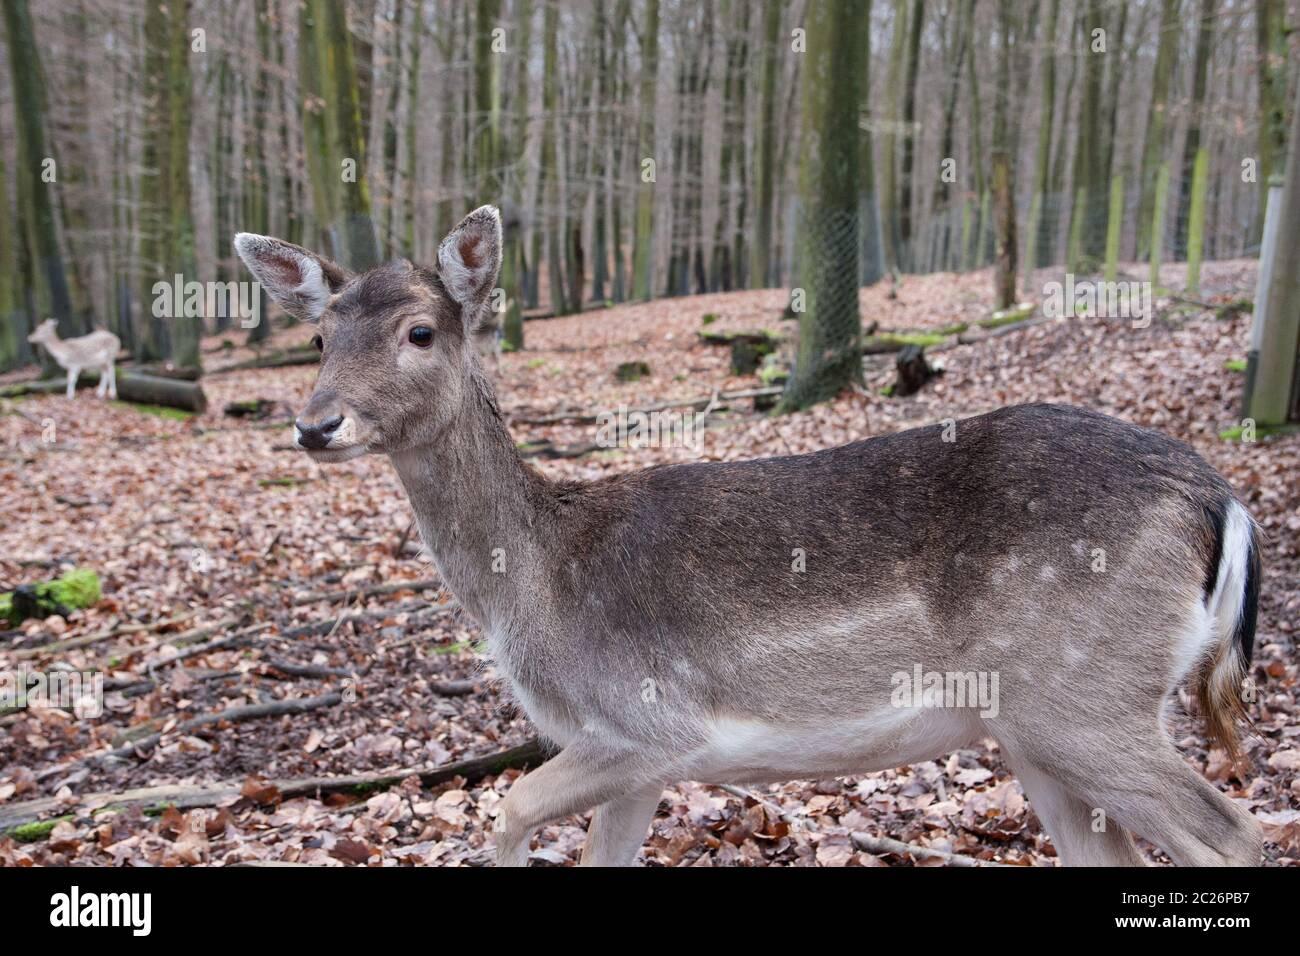 Mère et son faon cerf debout dans les bois. La faune et de l'environnement concept. Banque D'Images